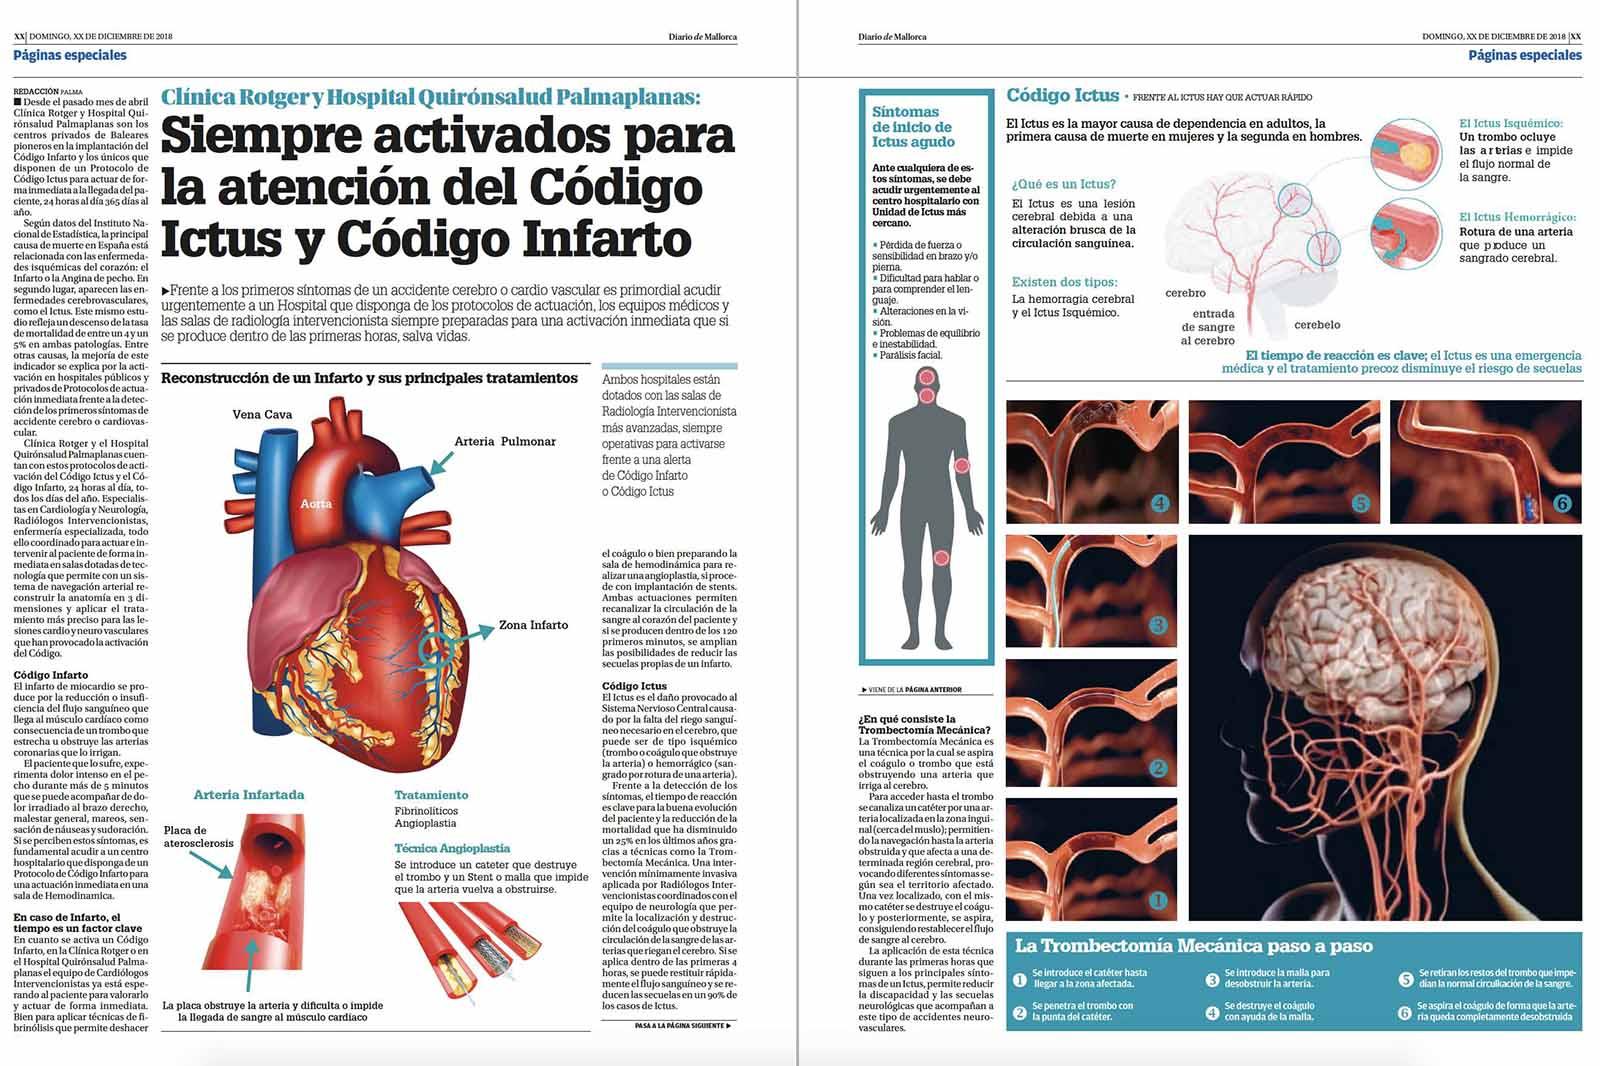 Clínica Rotger y Hospital Quirónsalud Palmaplanas pioneros en Código Infarto y Código Ictus